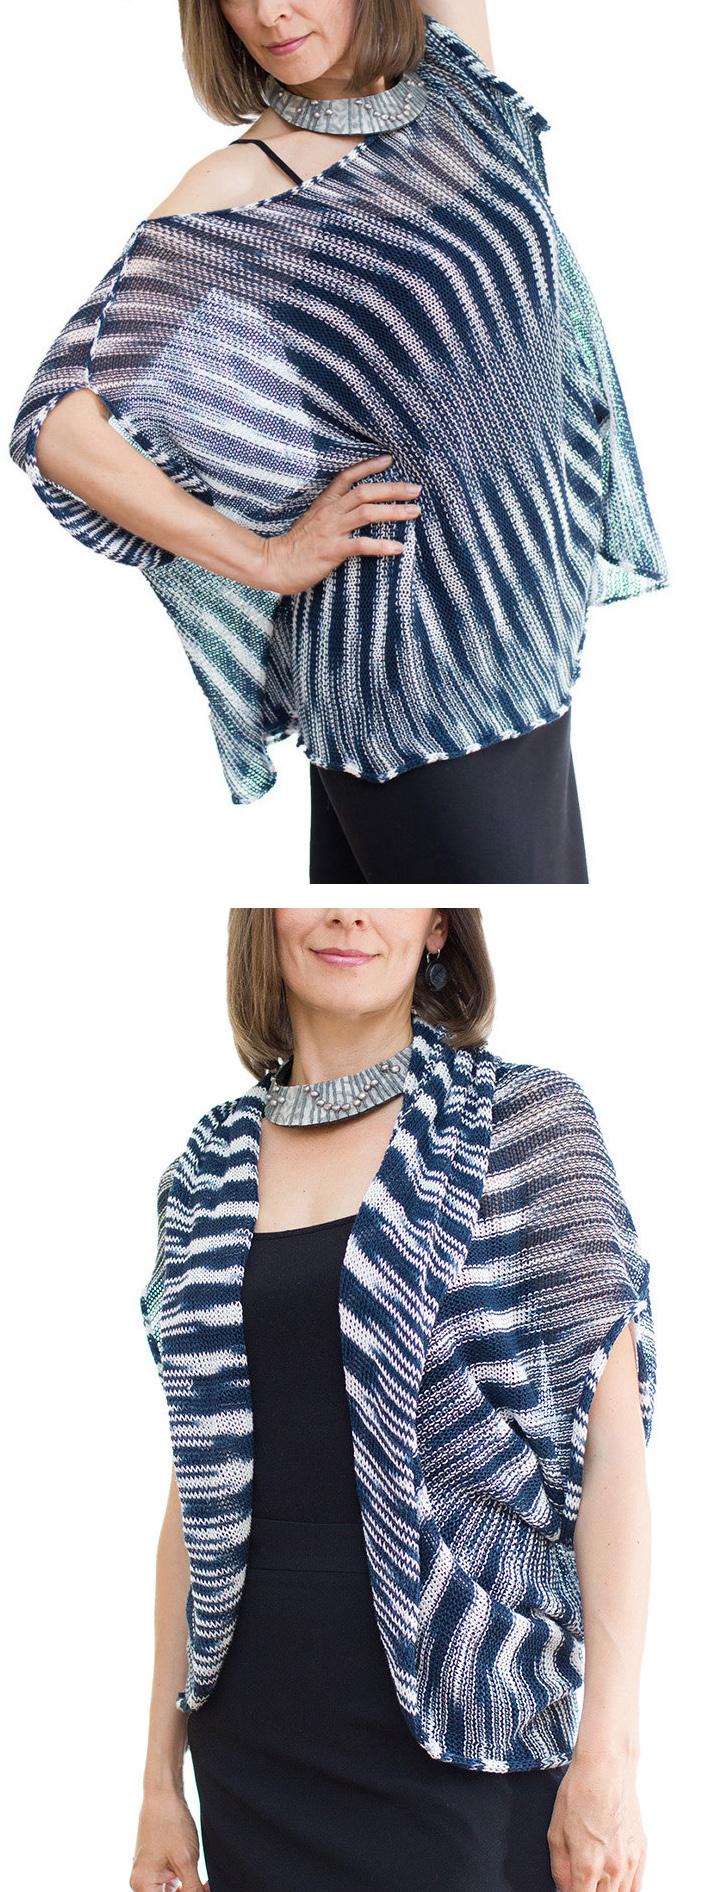 Knitting Pattern for Convertible Tunic / Bolero